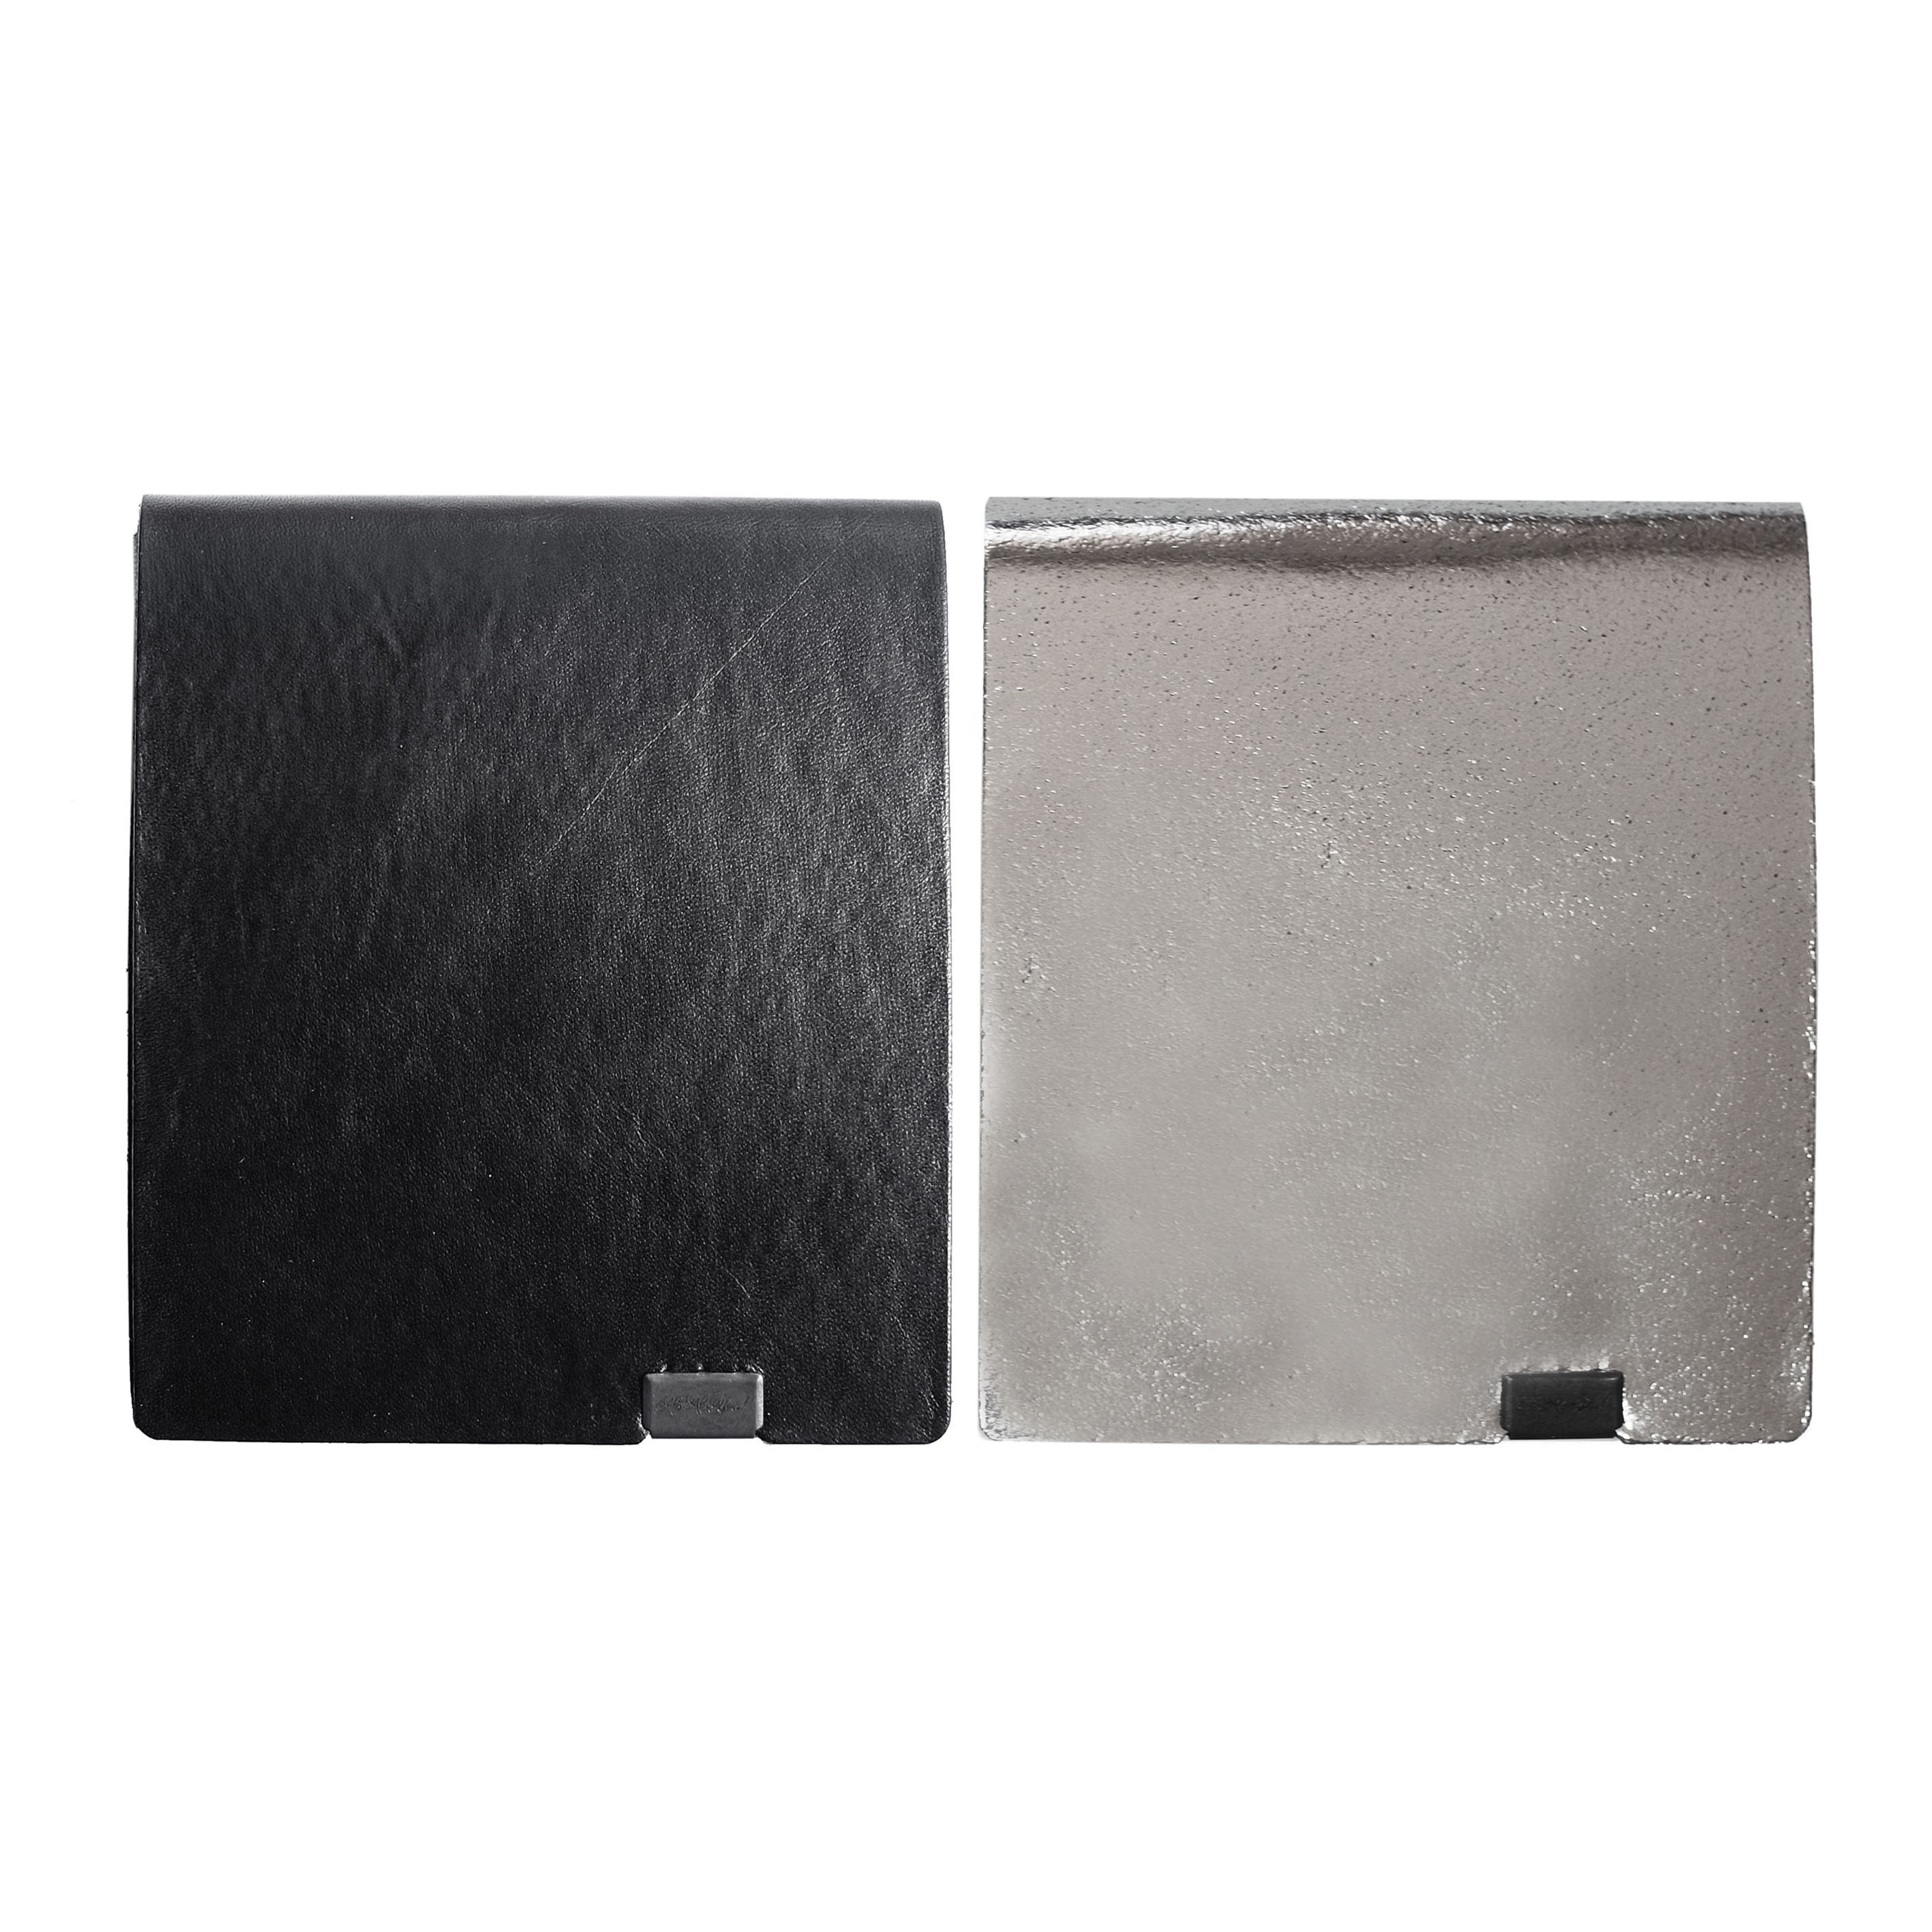 ボレロ -ショートウォレット2.0- ブラック×シルバー&シルバー×ブラック